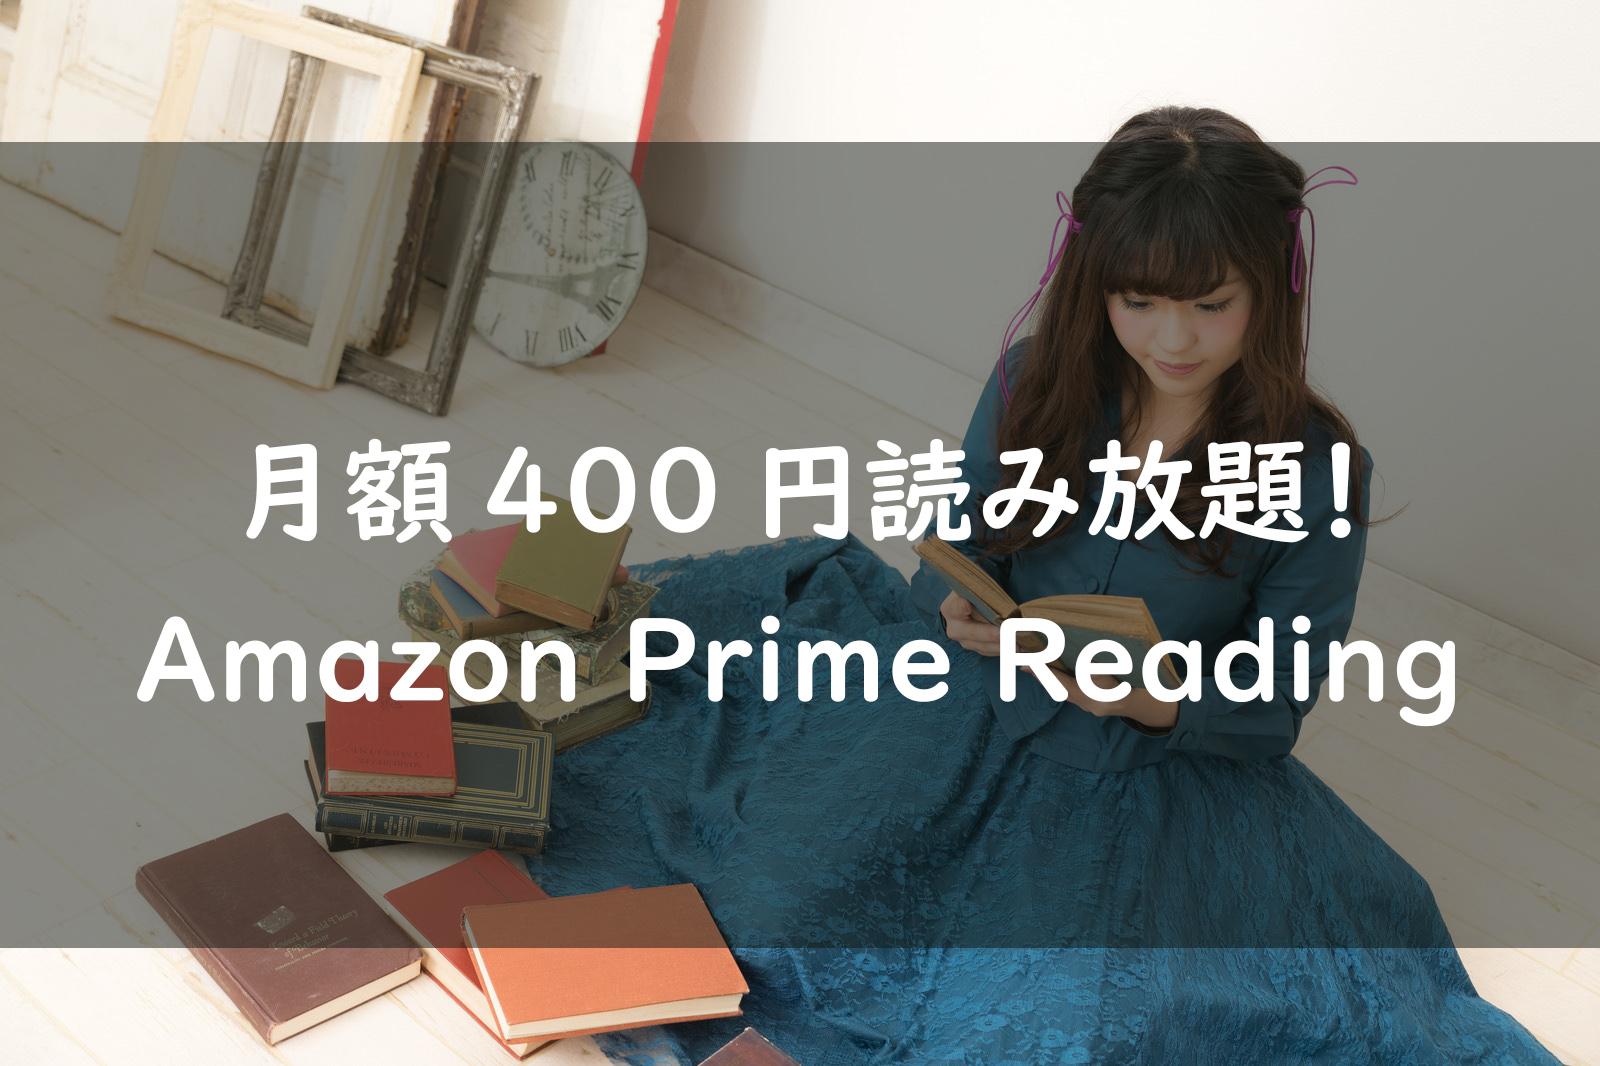 漫画読み放題?!Amazon primeで突如始まった「リーディング」